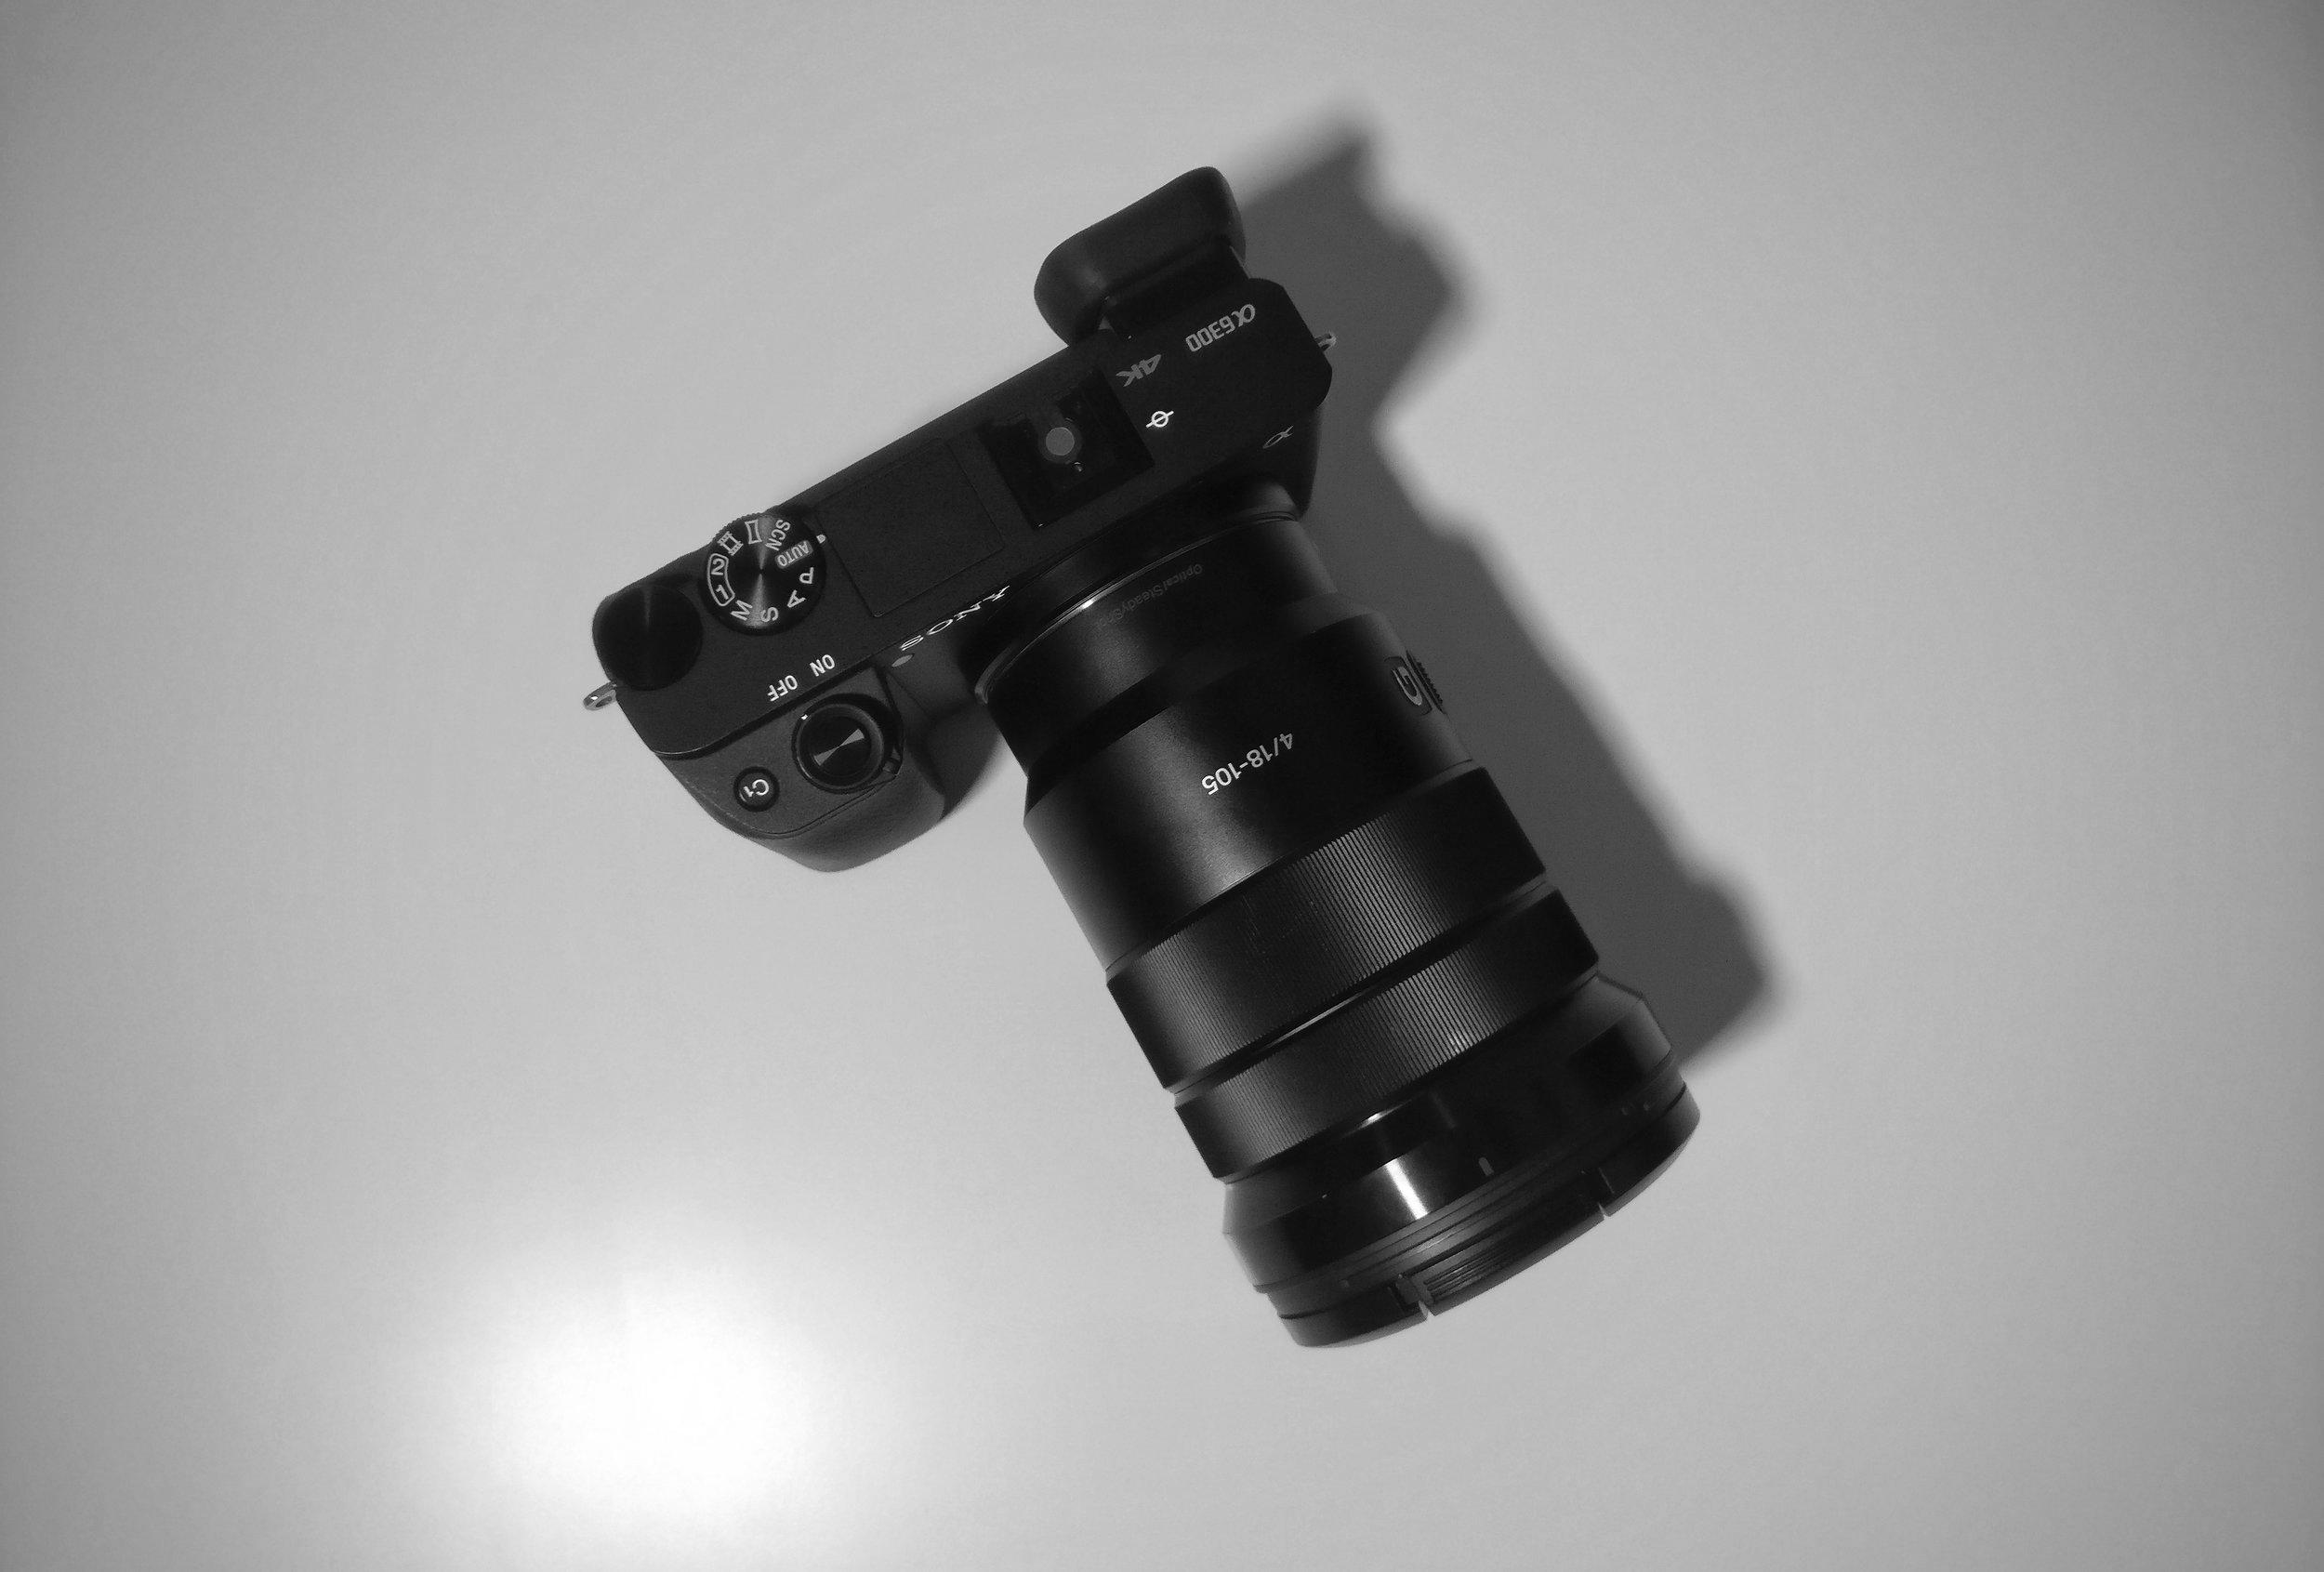 Sony a6300 - Mirrorless Camera, 4K capable -